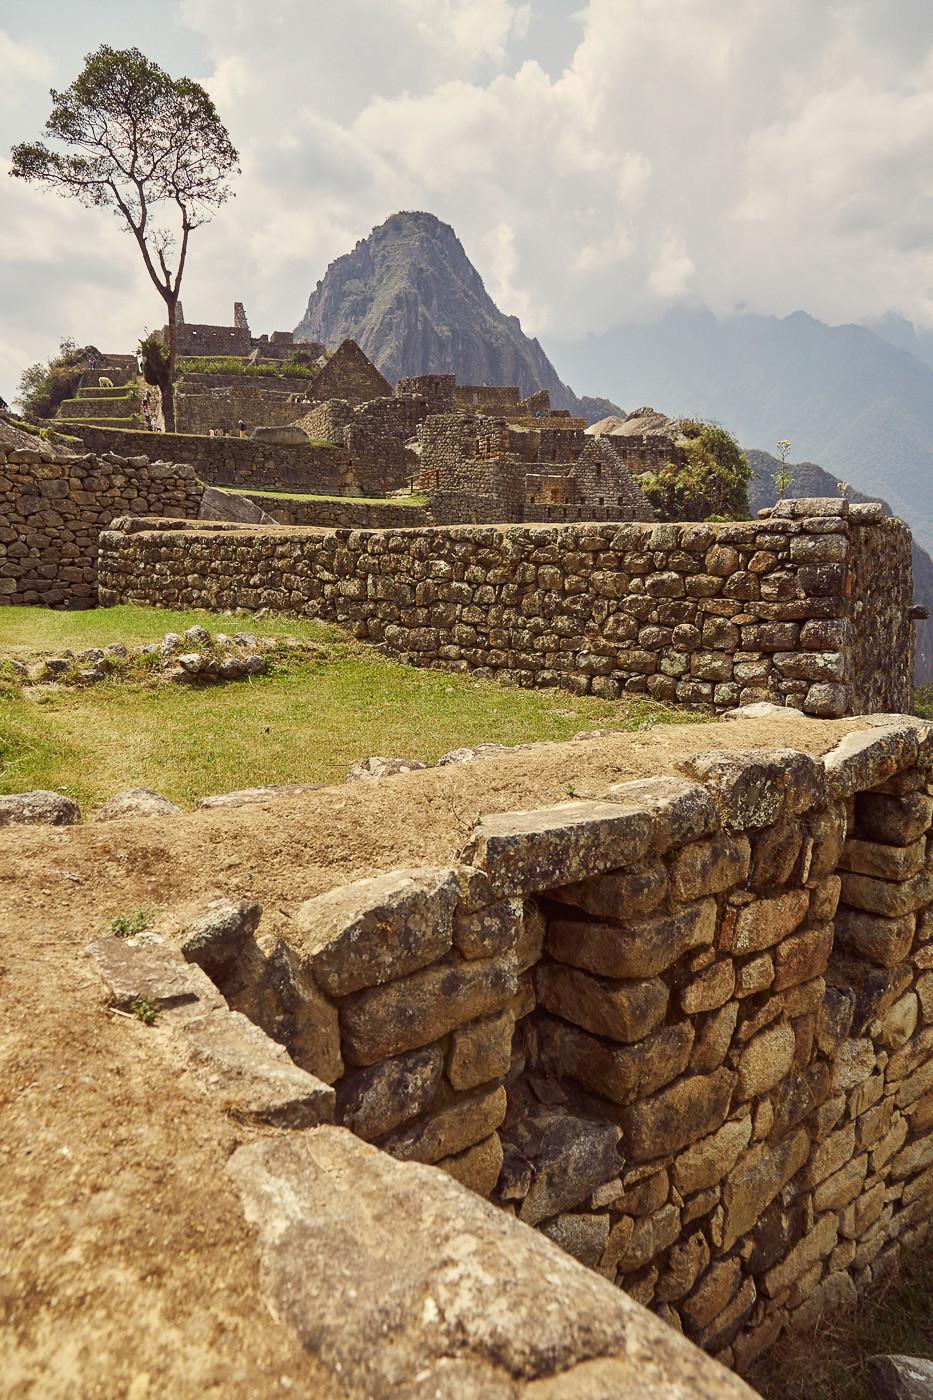 Die Anlagen von Machu Picchu sind wirklich beeindruckend. So richtig fassen kann man sie, finde ich, aber nur mit Guide. In unserem ultimativen Guide für Machu Picchu findest du alle wichtigen Infos für deinen Besuch in den Inka Ruinen